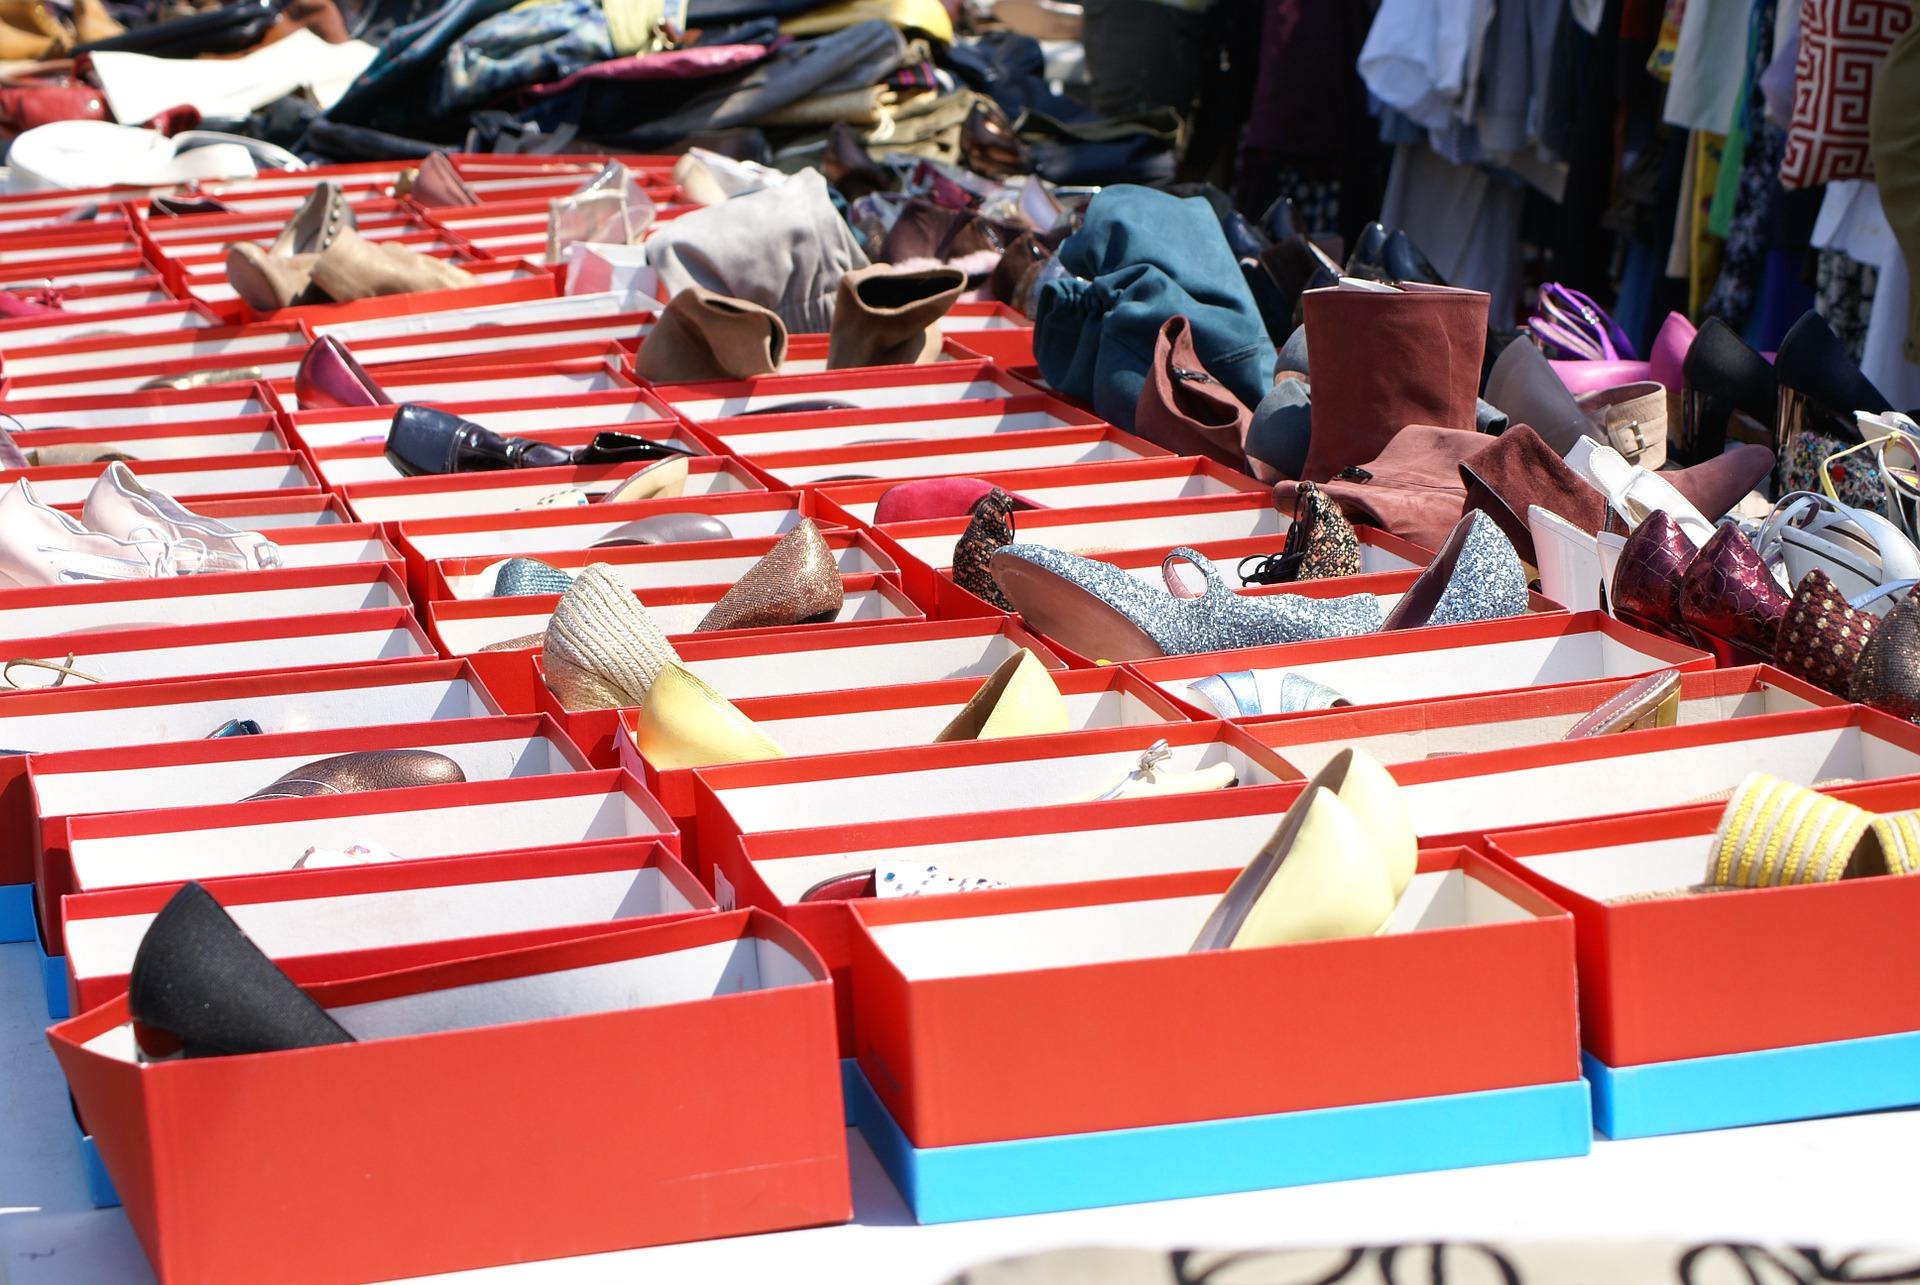 10 Idees De Rangement Chaussure Gain De Place Pour La Maison